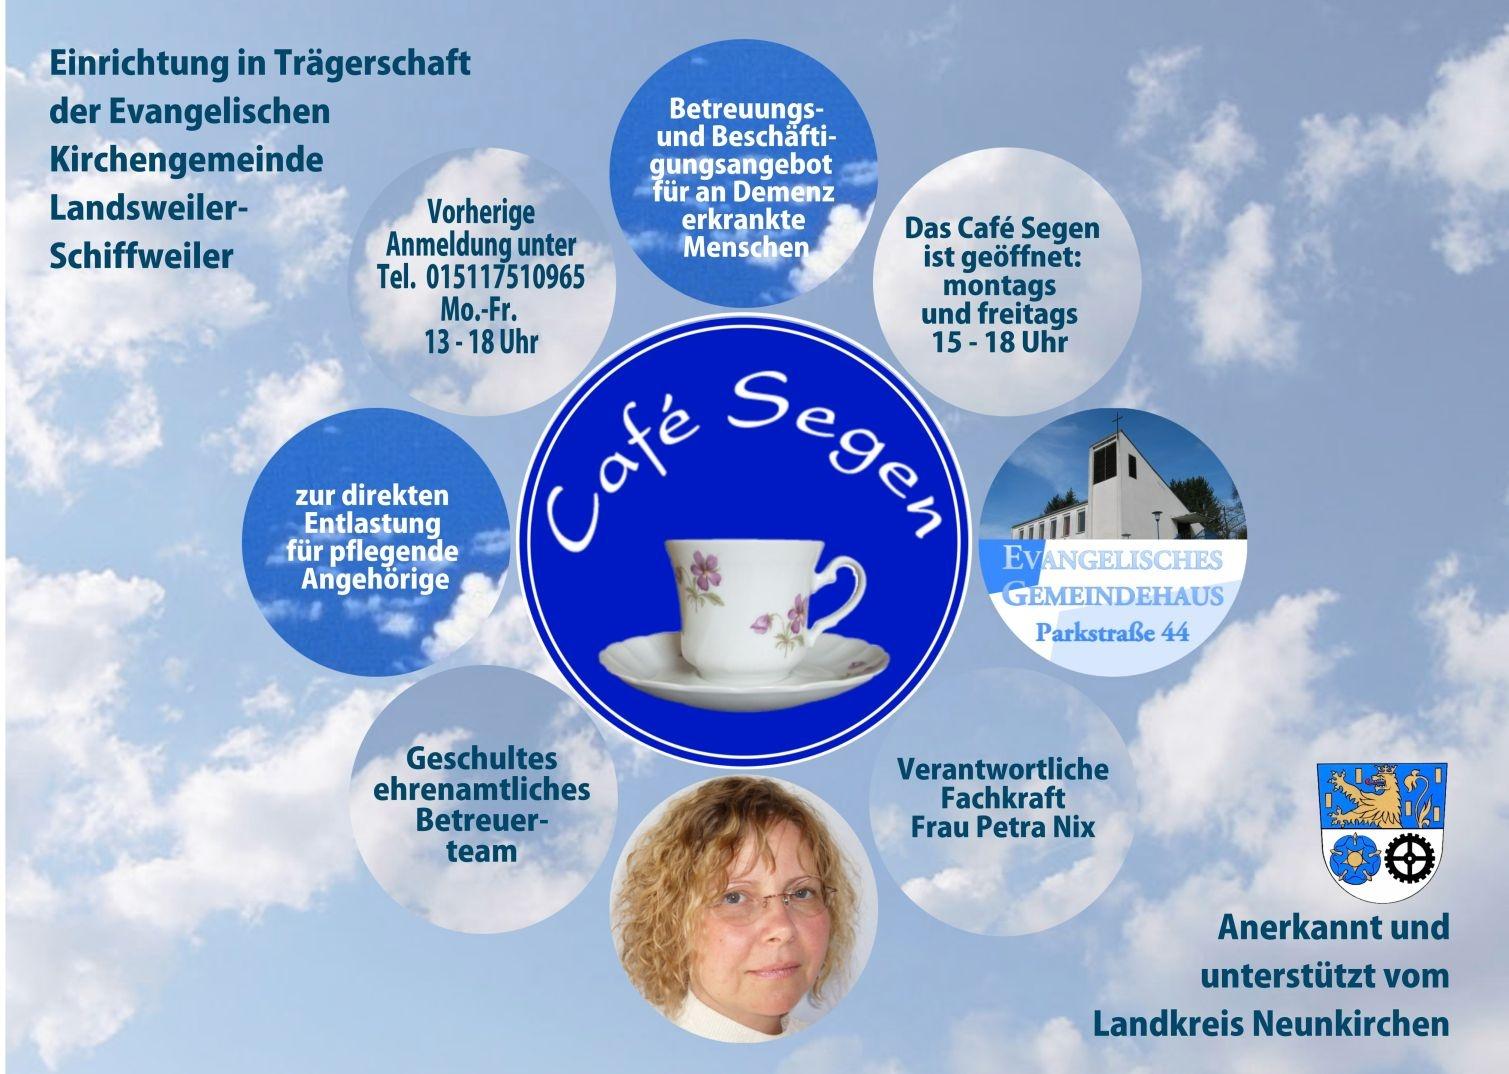 'Café Segen'